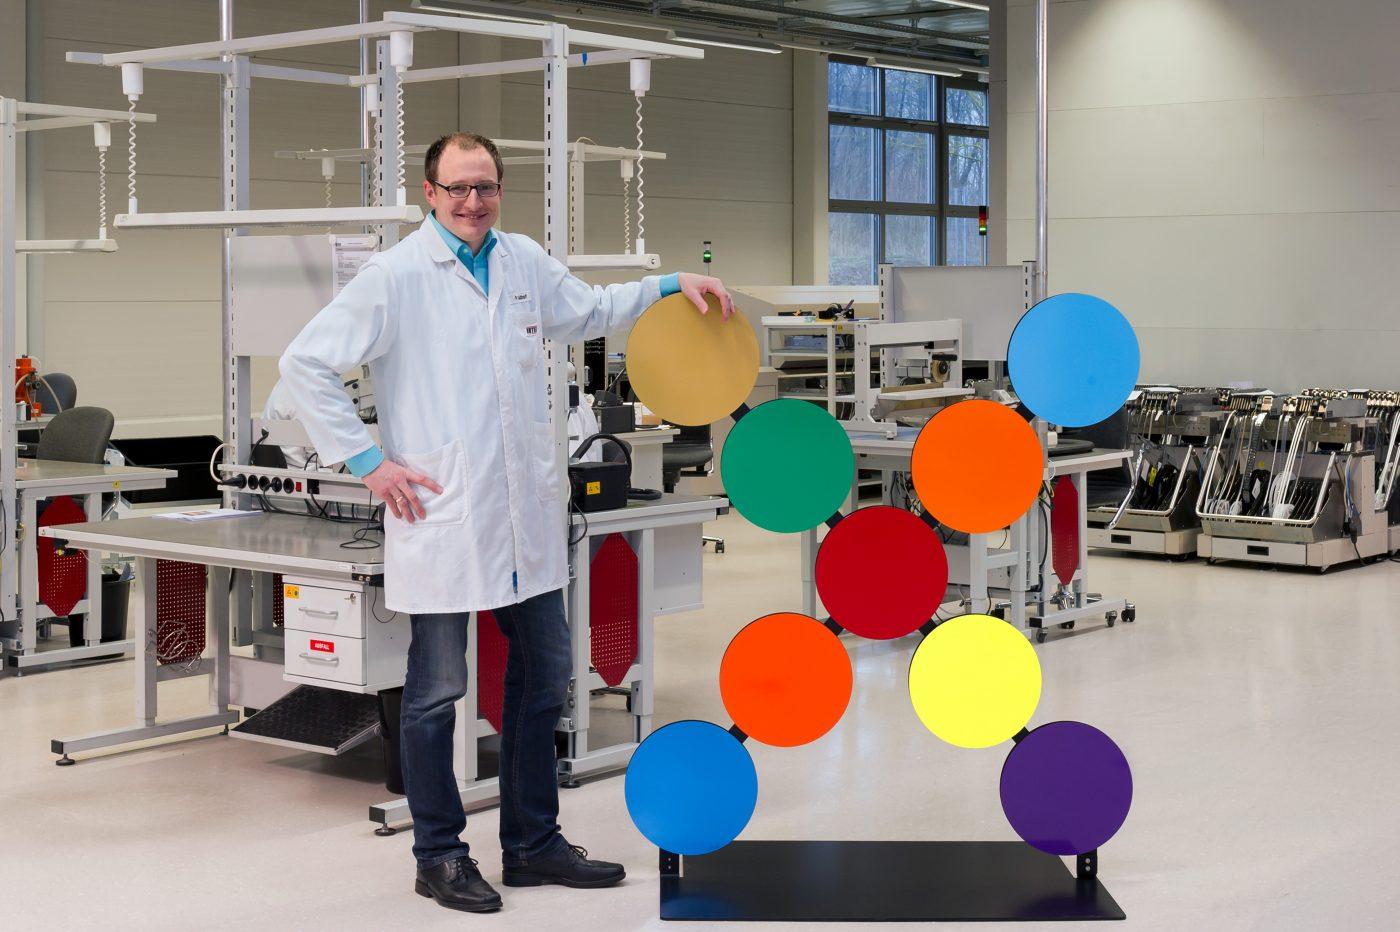 Peter Güthoff, Ausbildungsleiter, INTEG GmbH